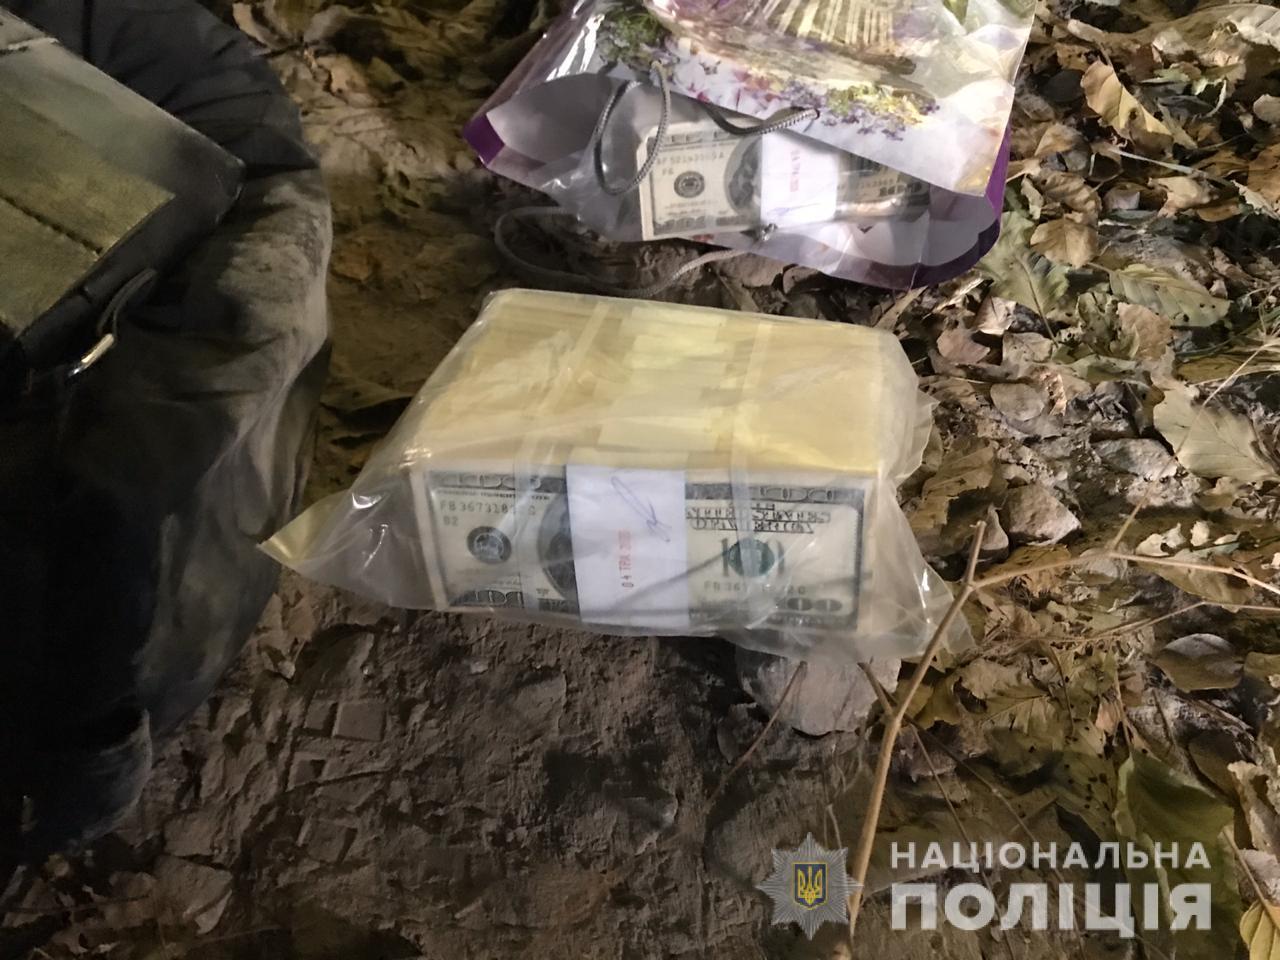 На Обухівщині затримали банду нападників на підприємця - іноземці, банда - Rozbij6